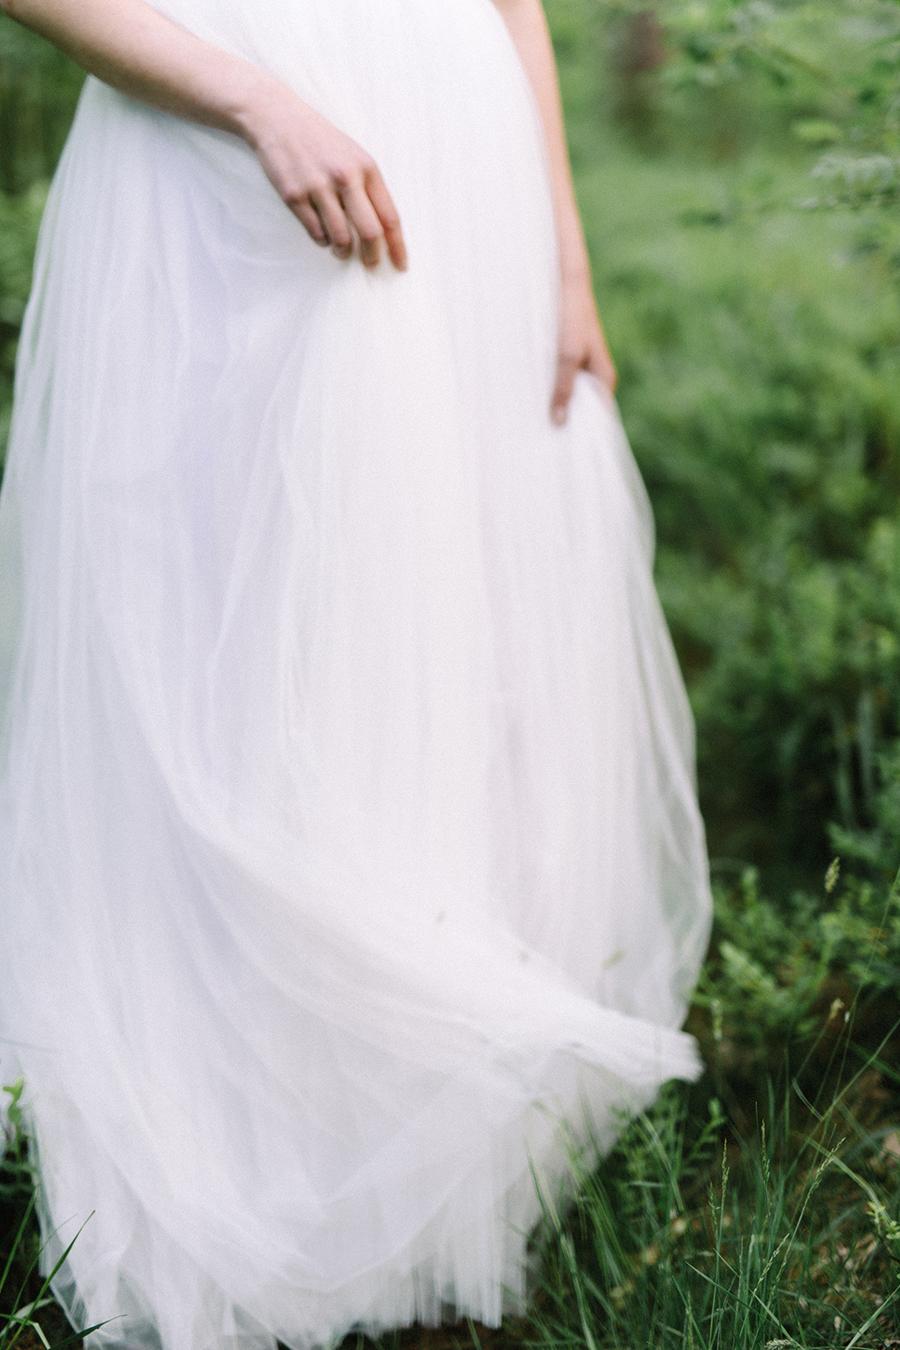 Woodsy Bridal Boudoir Morsian Huomenlahjakuvaus (11).jpg